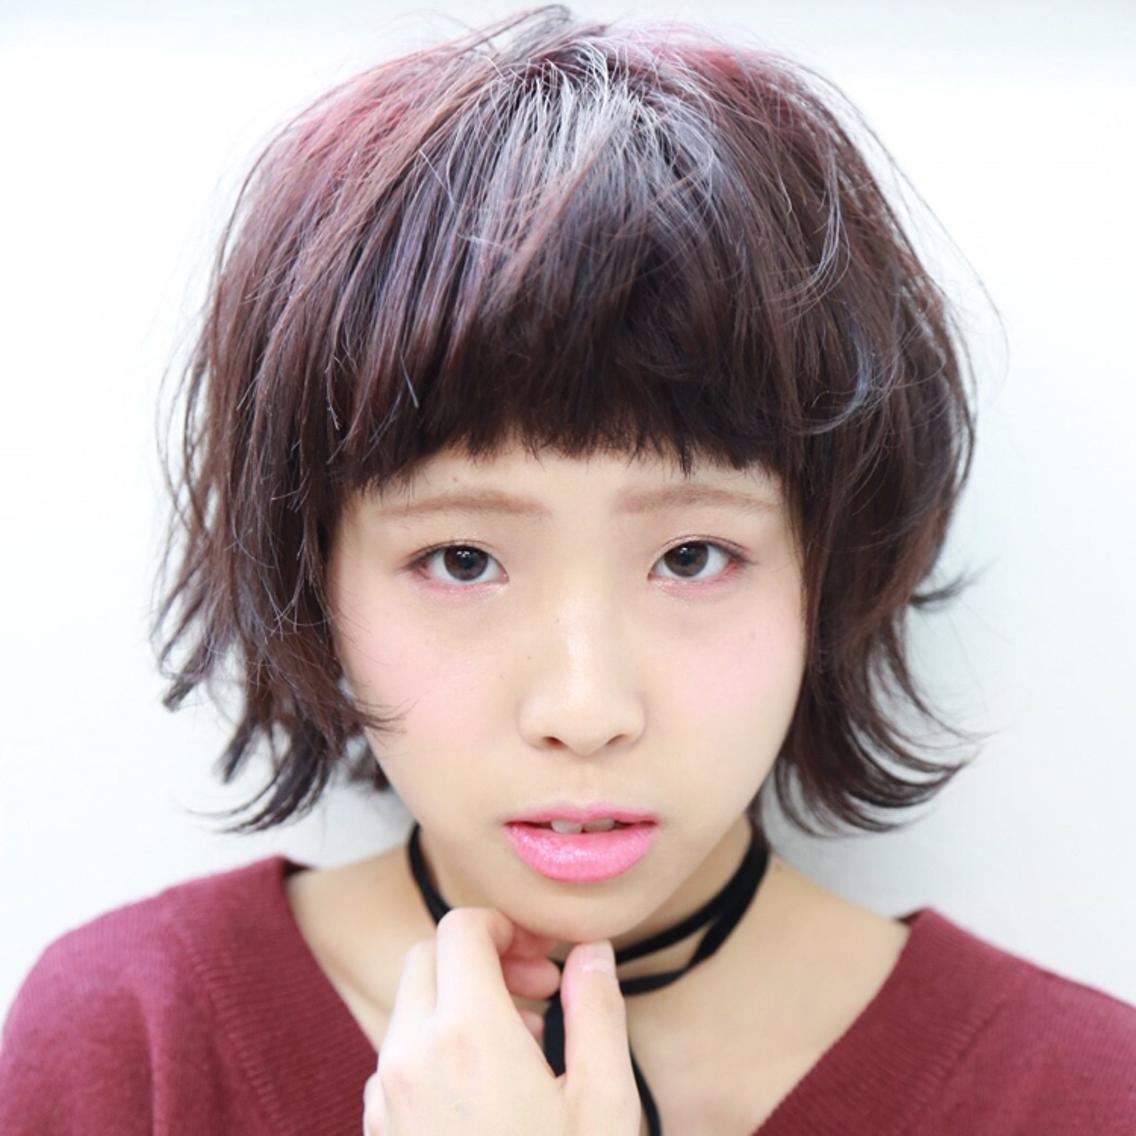 《当日予約もOK♪》綺麗なヘアスタイルは綺麗な髪や地肌から!サポートさせてください♪